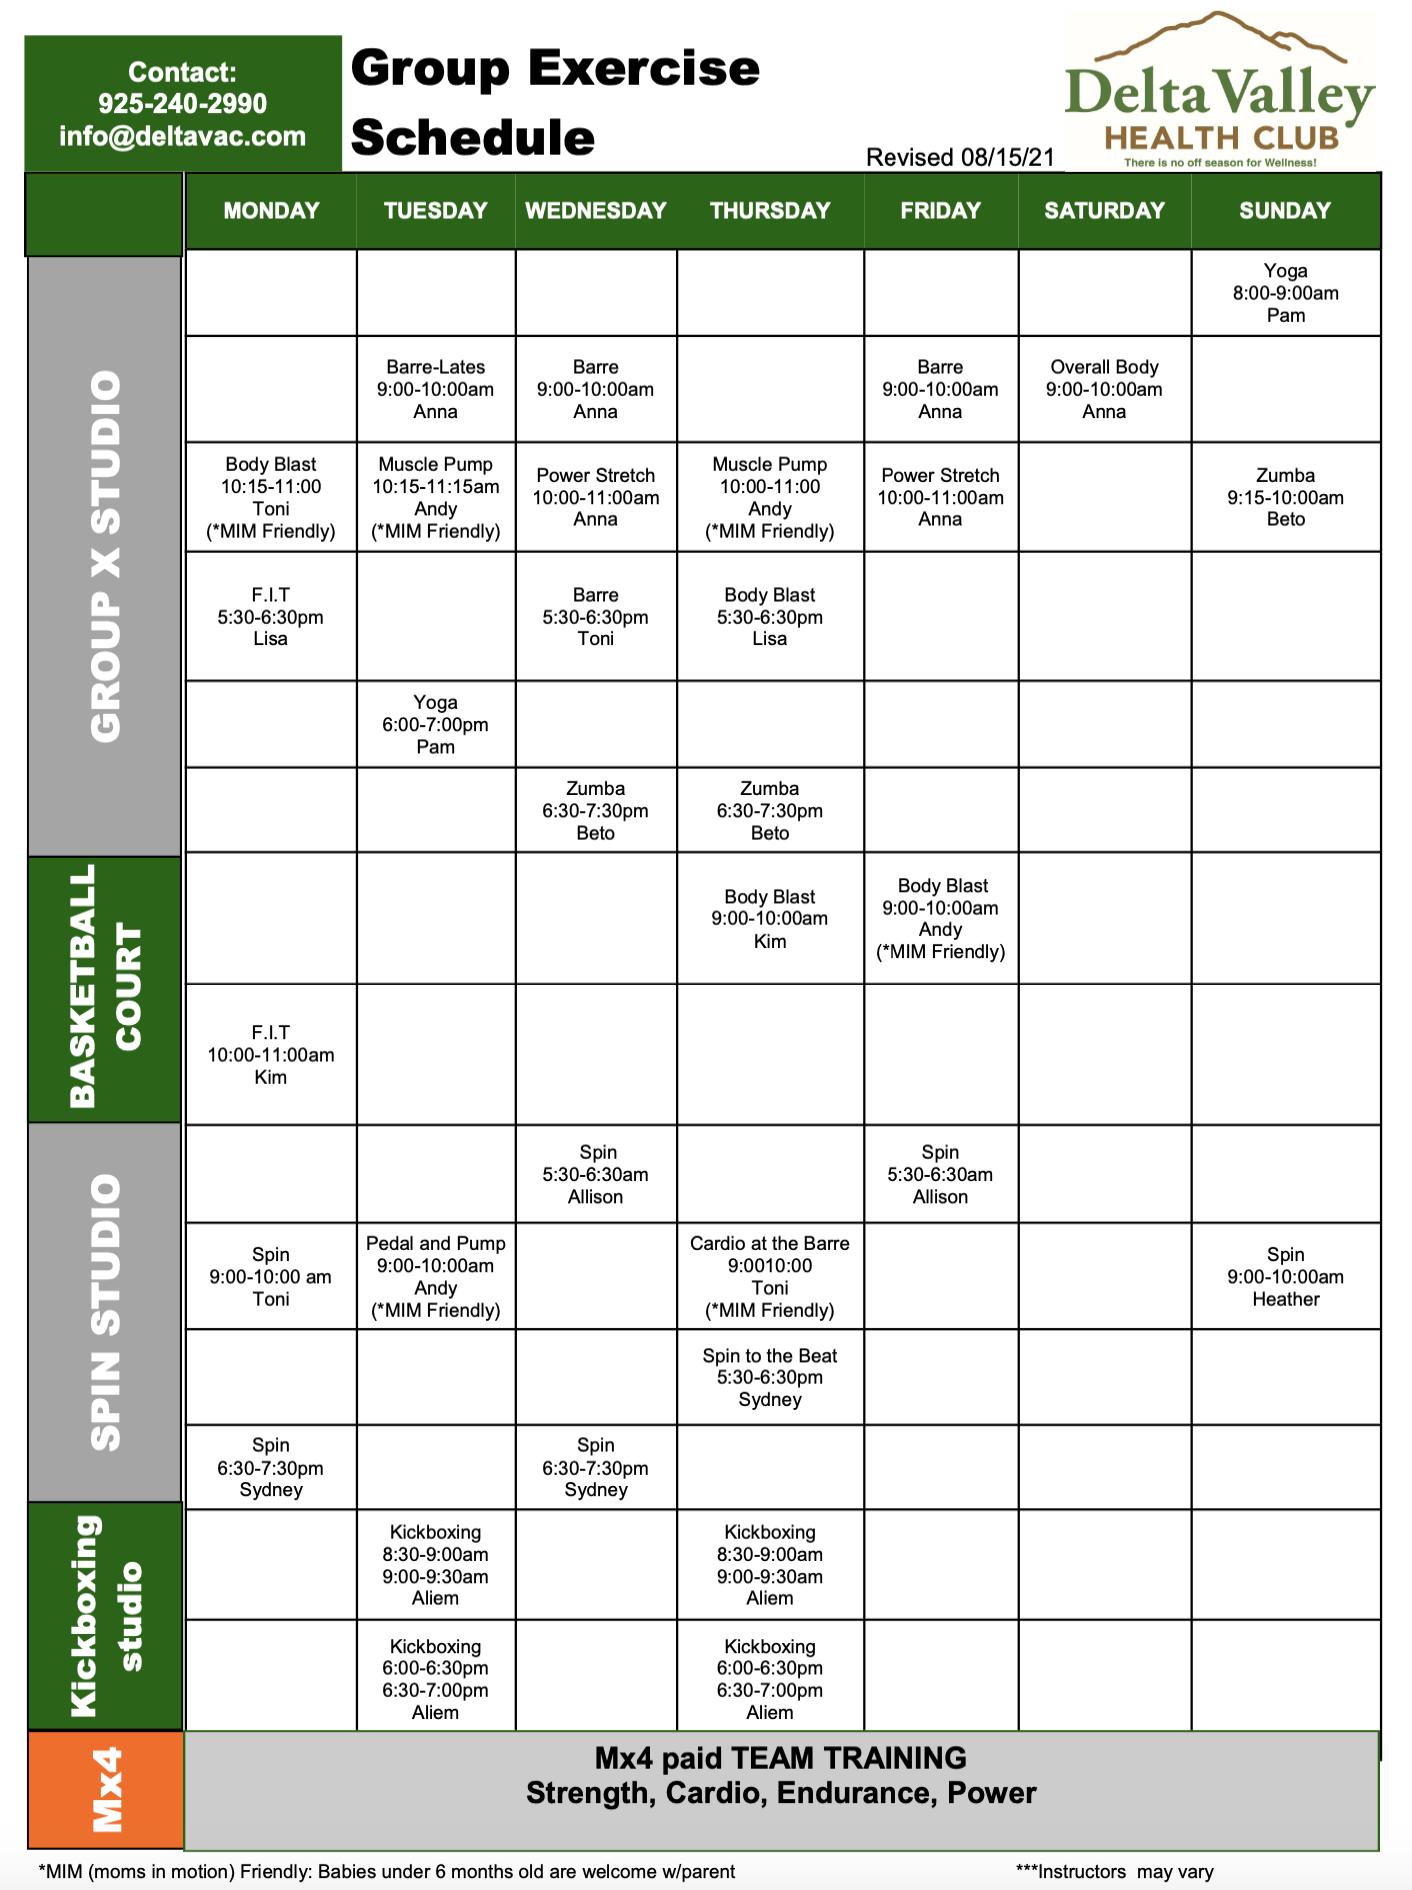 GroupX Schedule